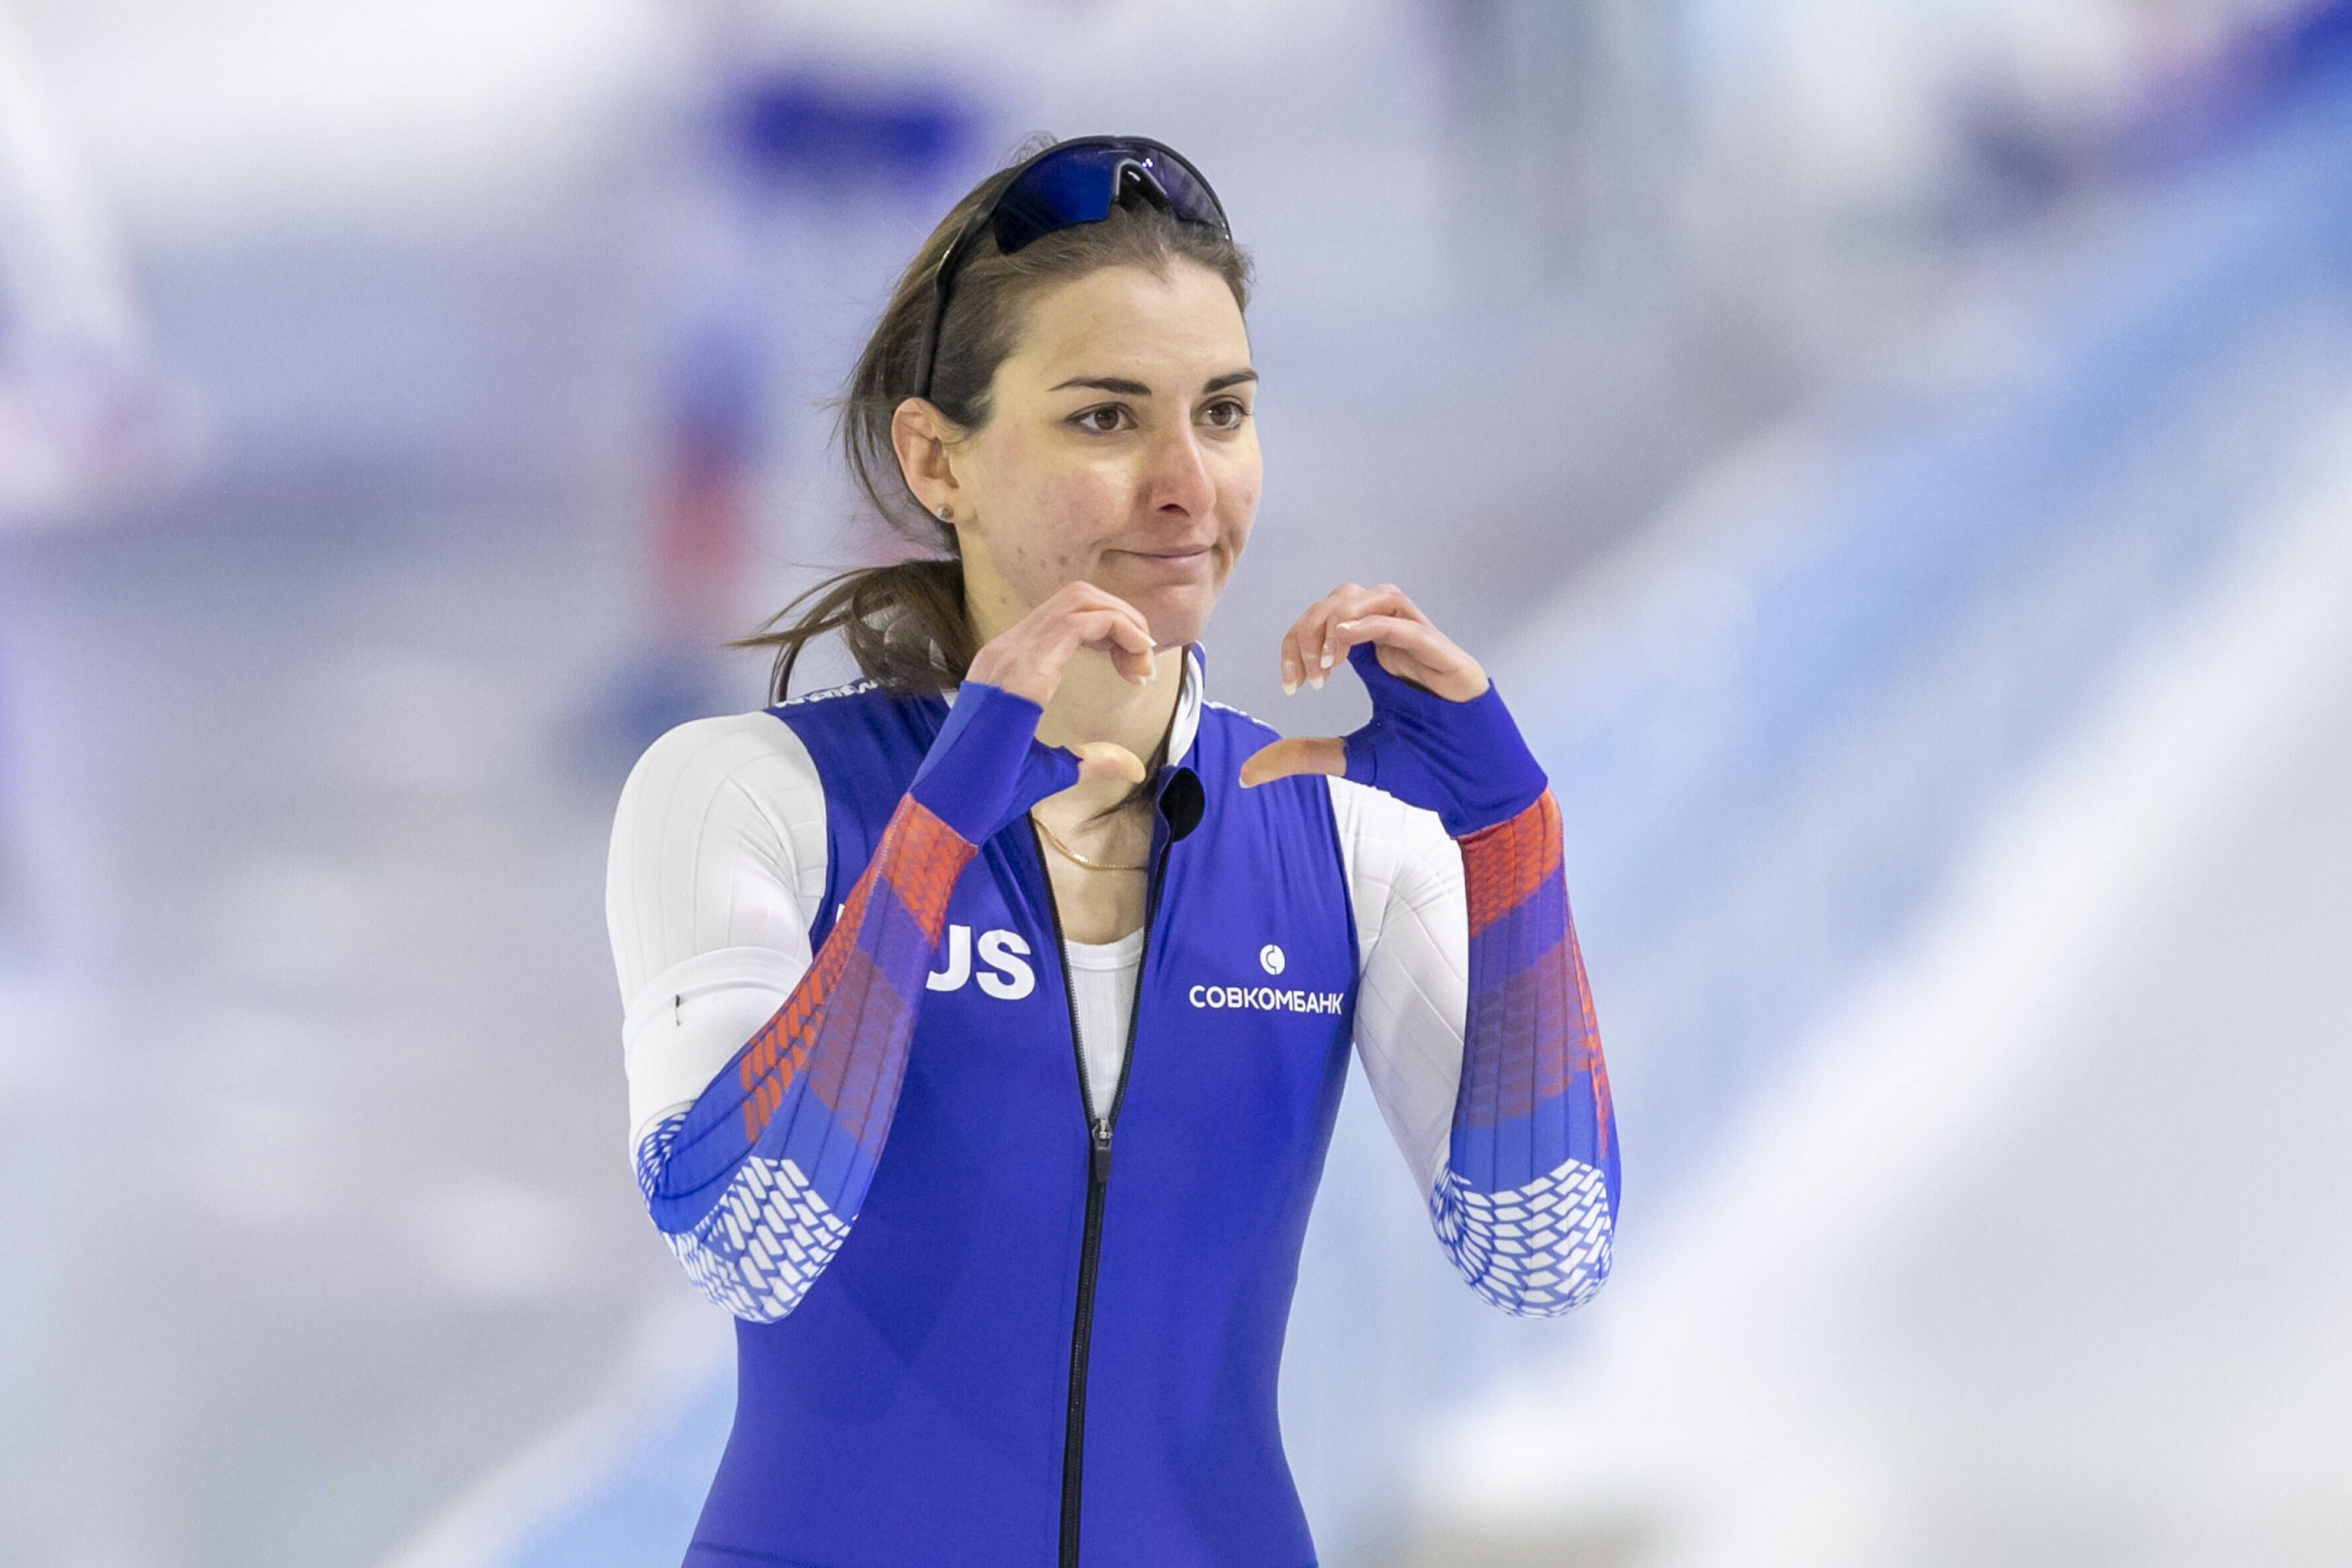 Россиянка Голикова — чемпионка мира по конькобежному спорту на дистанции 500 метров